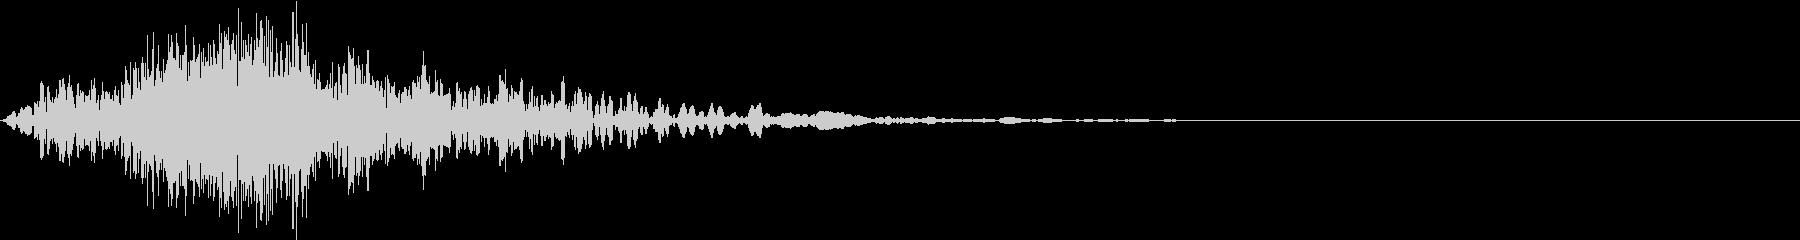 シューッという音EC07_87_3の未再生の波形